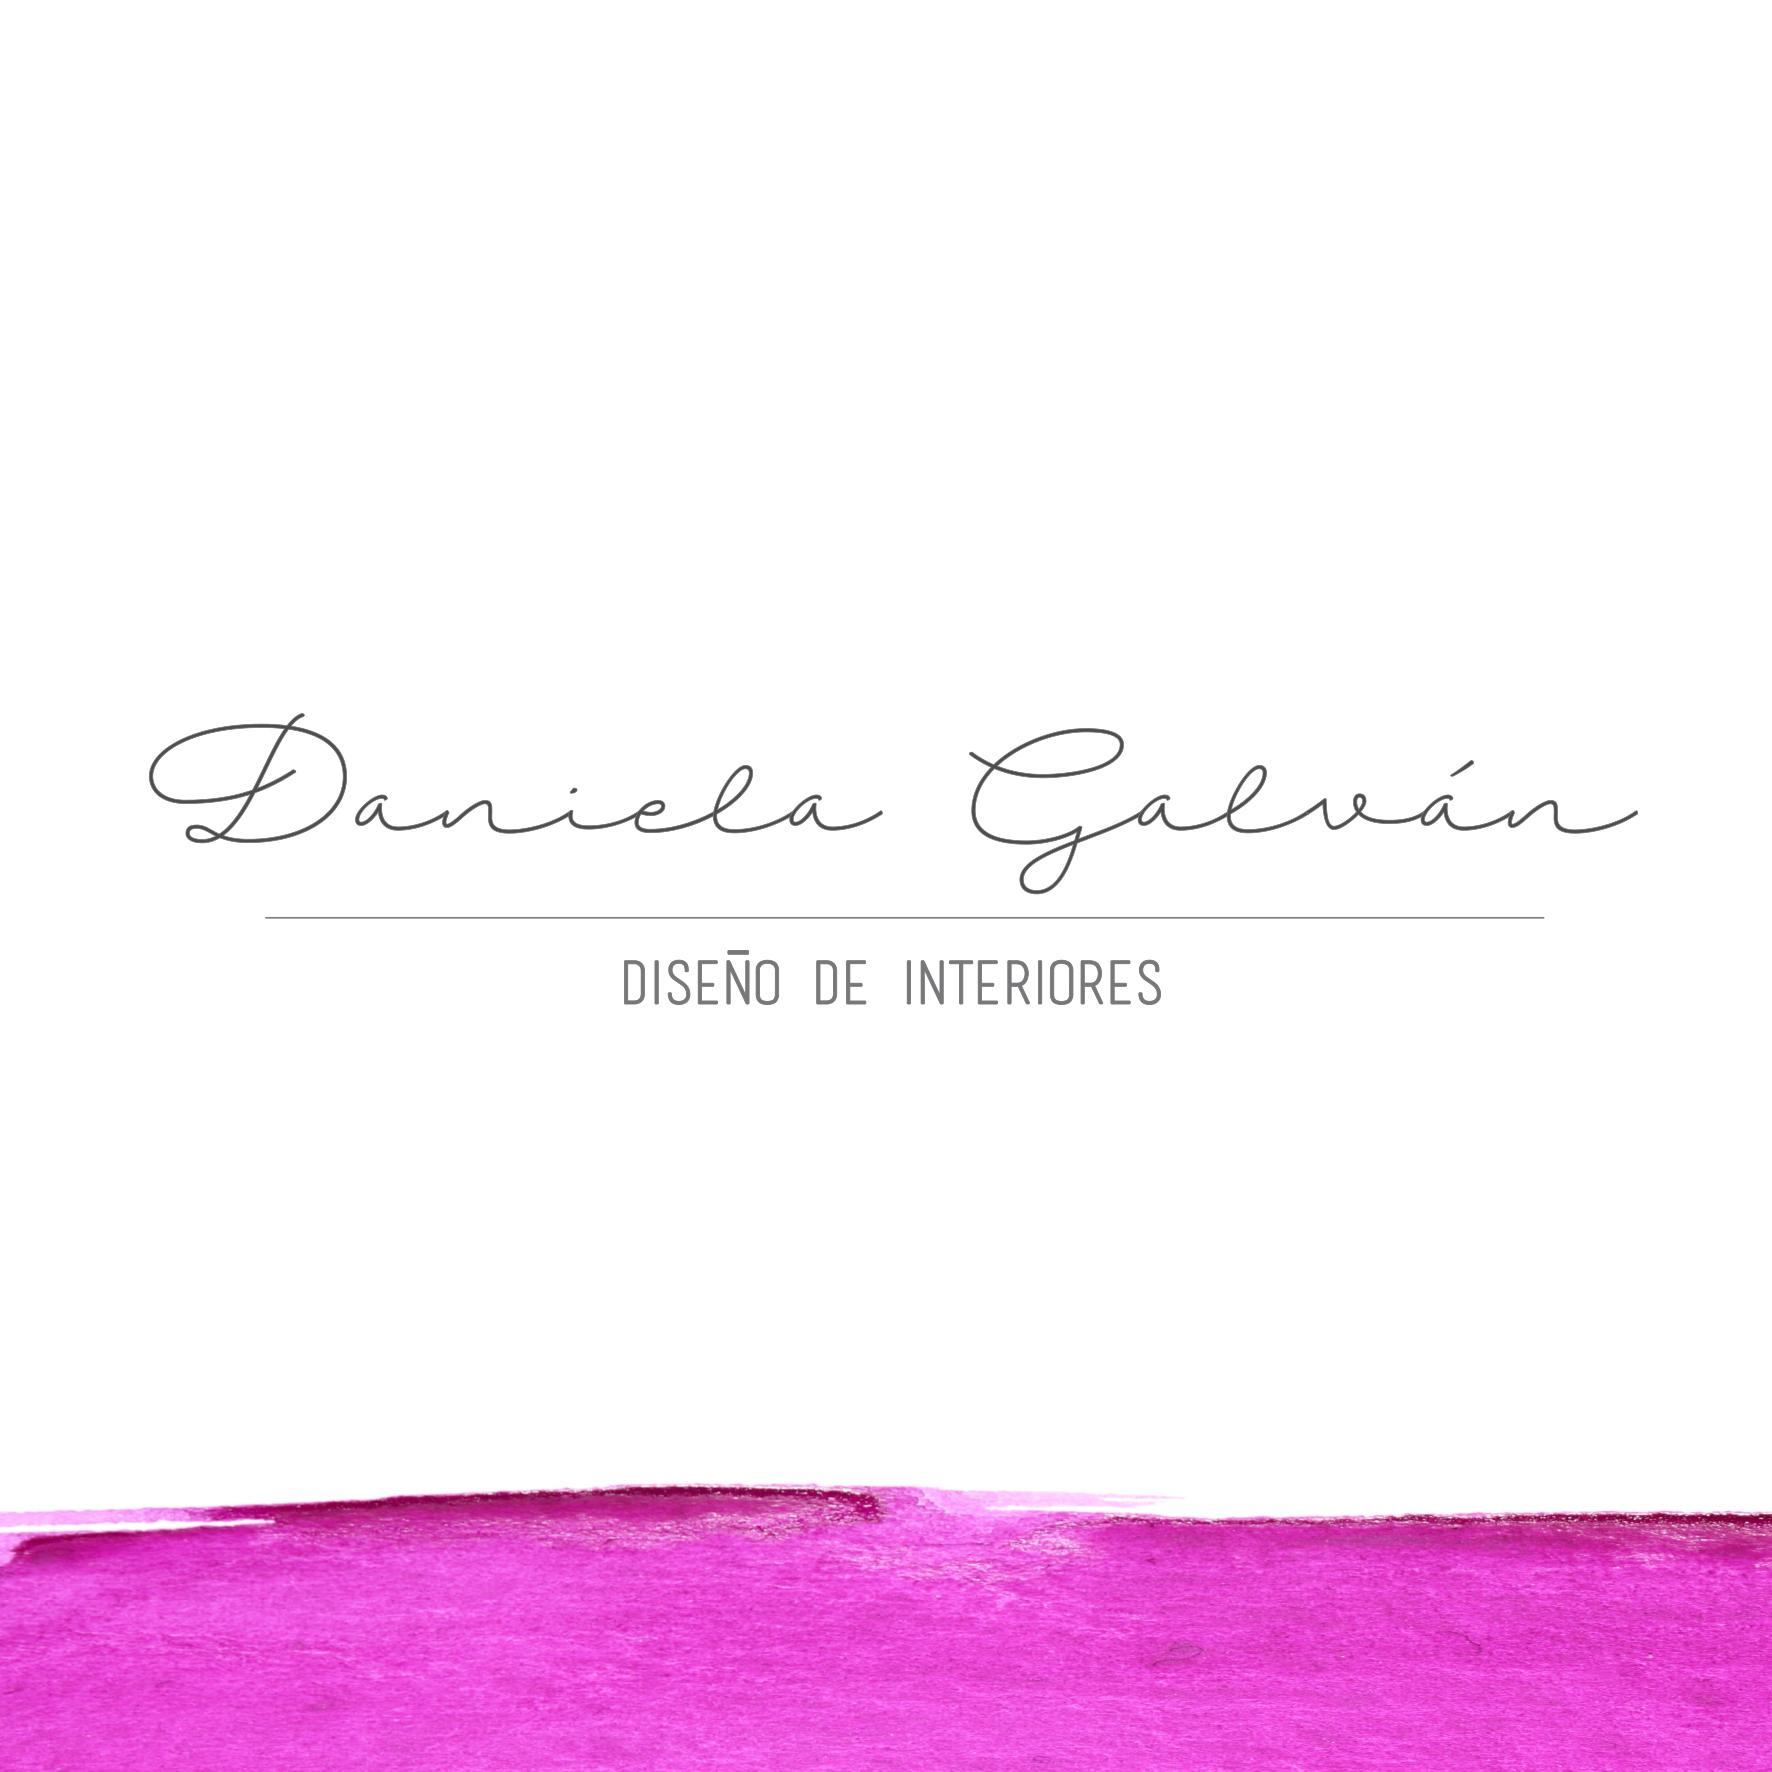 Diseño de logotipo Daniela Galvan